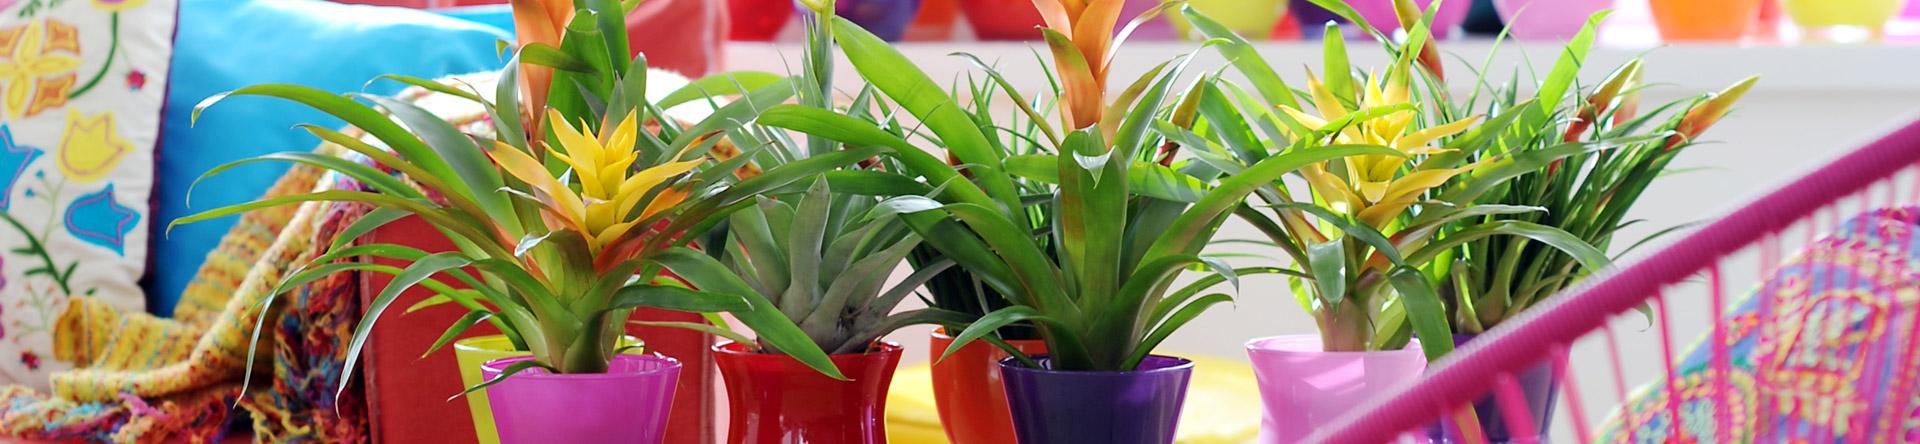 Goed om te weten: Bromelia's met dikke bladeren staan graag in een droge omgeving en Bromelia's met dunne bladeren hebben liever een wat vochtigere standplaats.